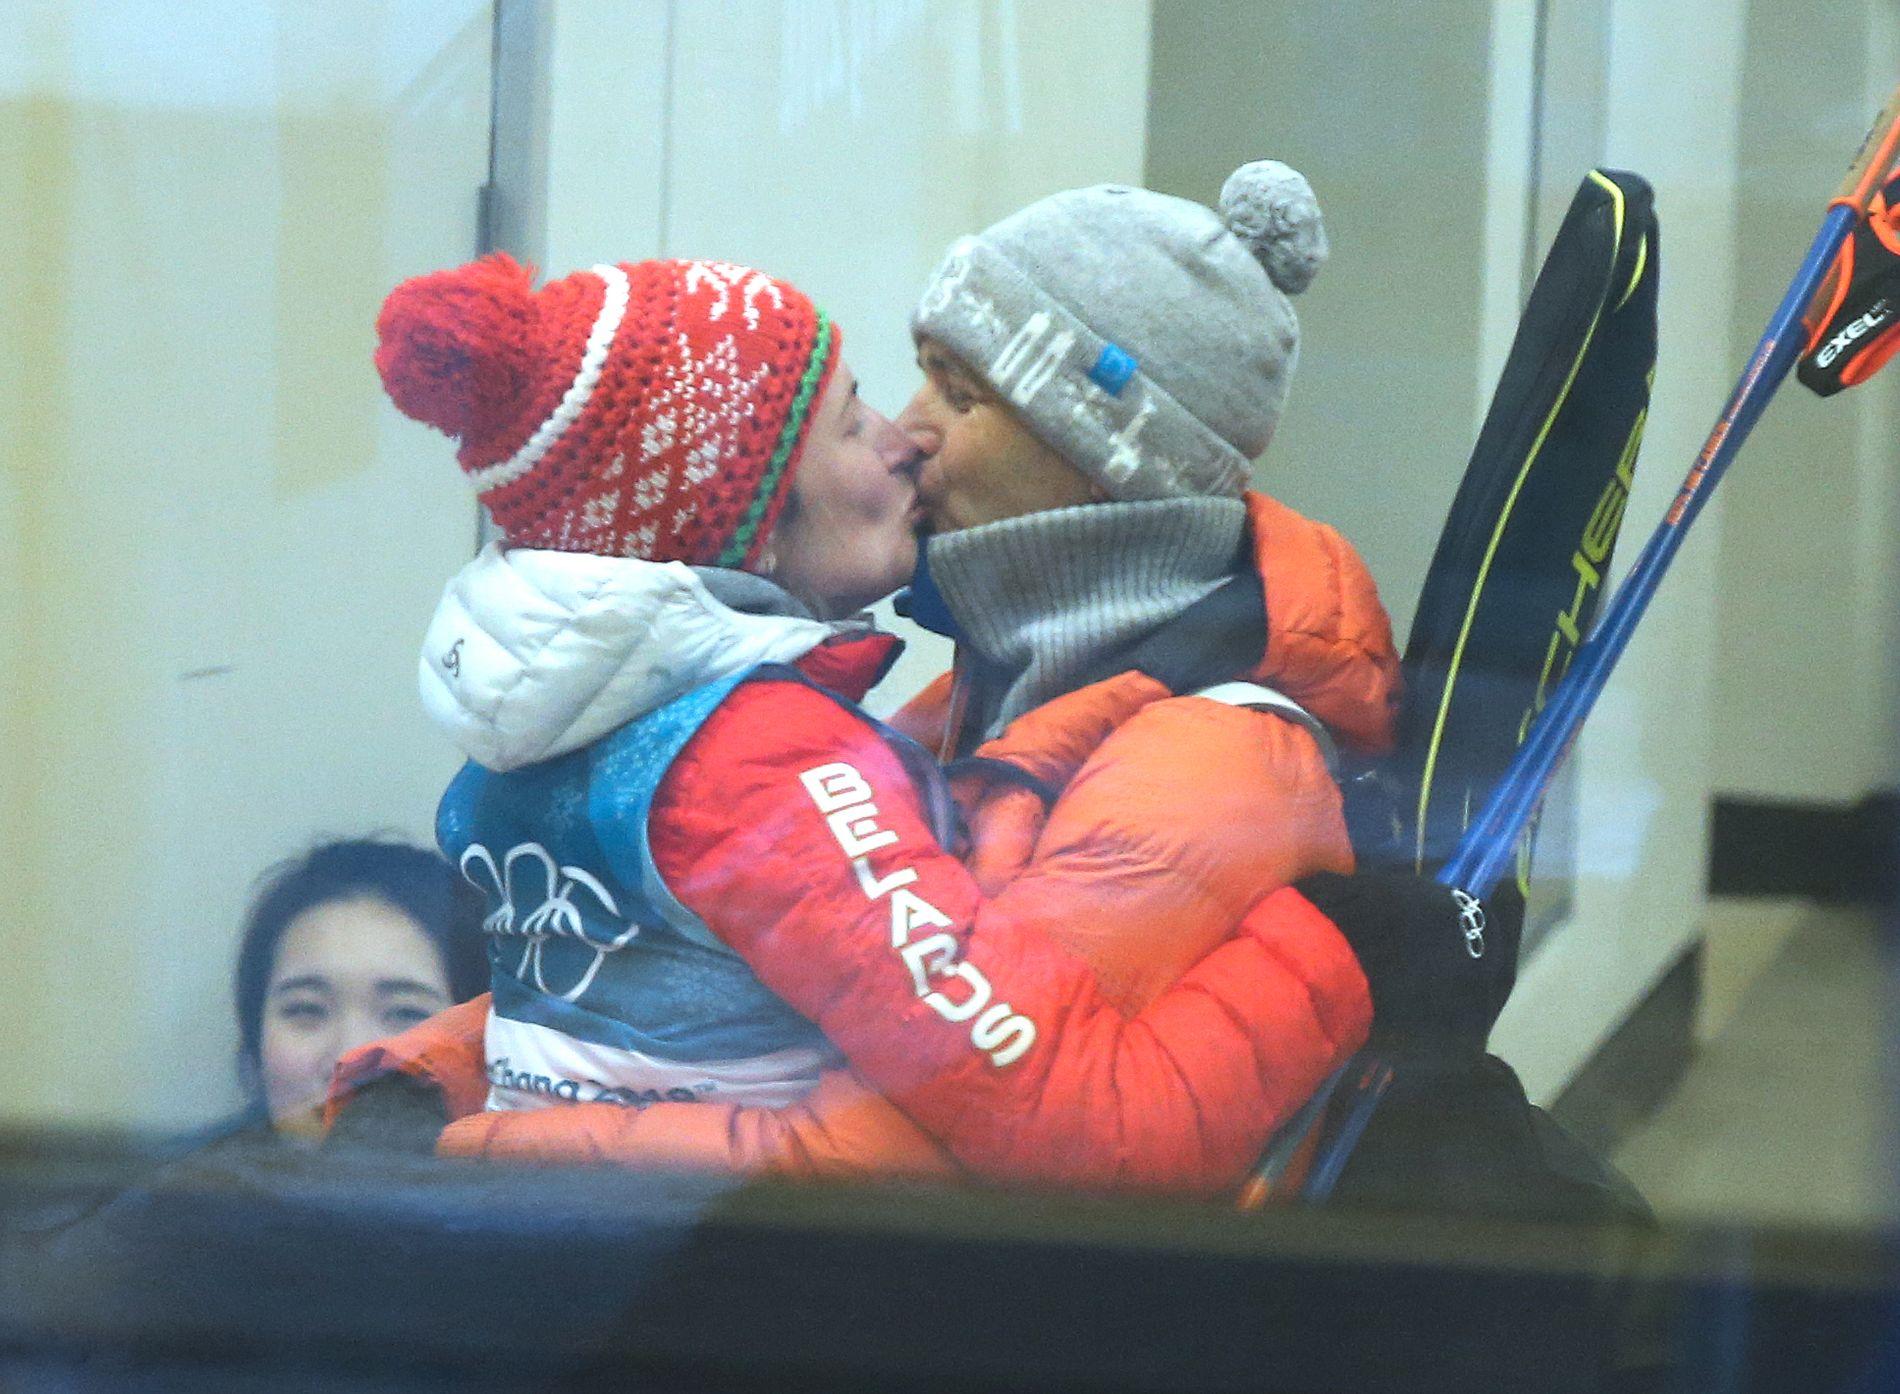 SØLVKYSSET: Ole Einar Bjørndalen måtte vente lenge før han fikk gratulere kona Darja Domratsjeva med sølvet på fellesstarten i OL. Men da han først fikk muligheten, klinte han til.